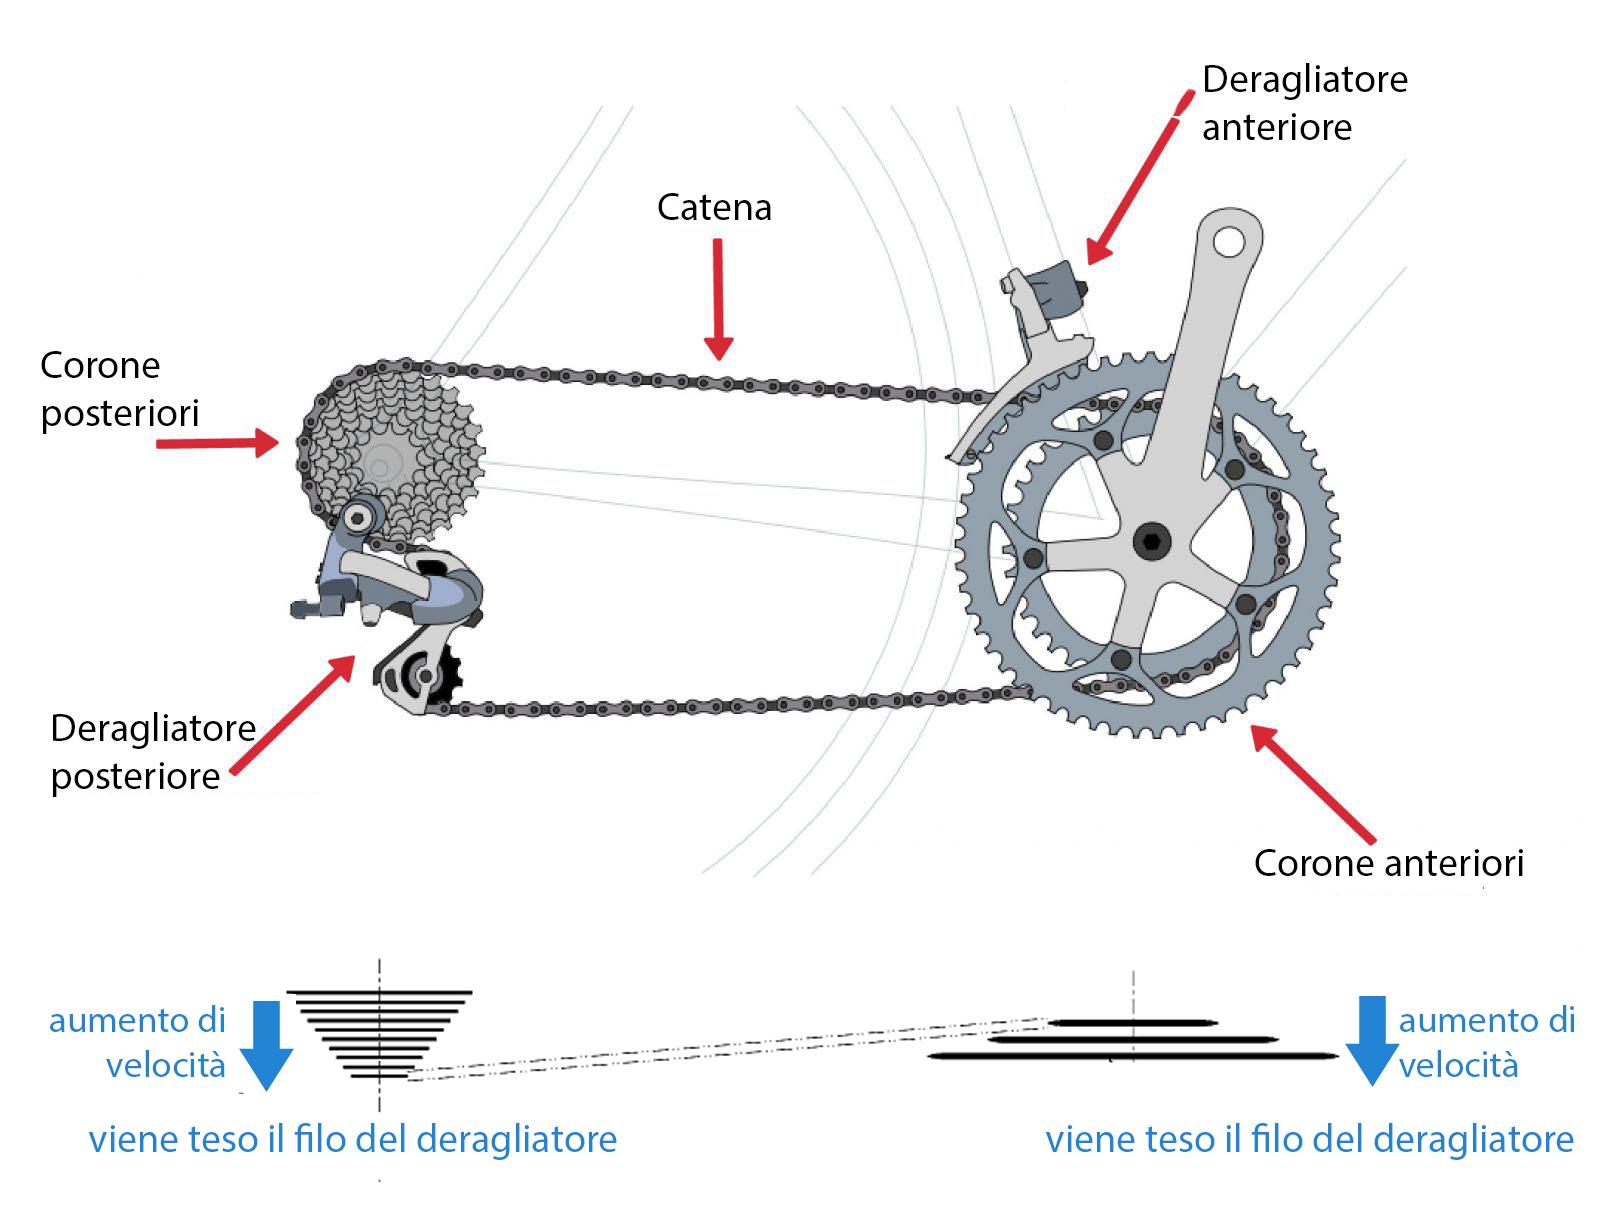 2 - Anatomia e funzionamento del cambio di velocità in una bicicletta